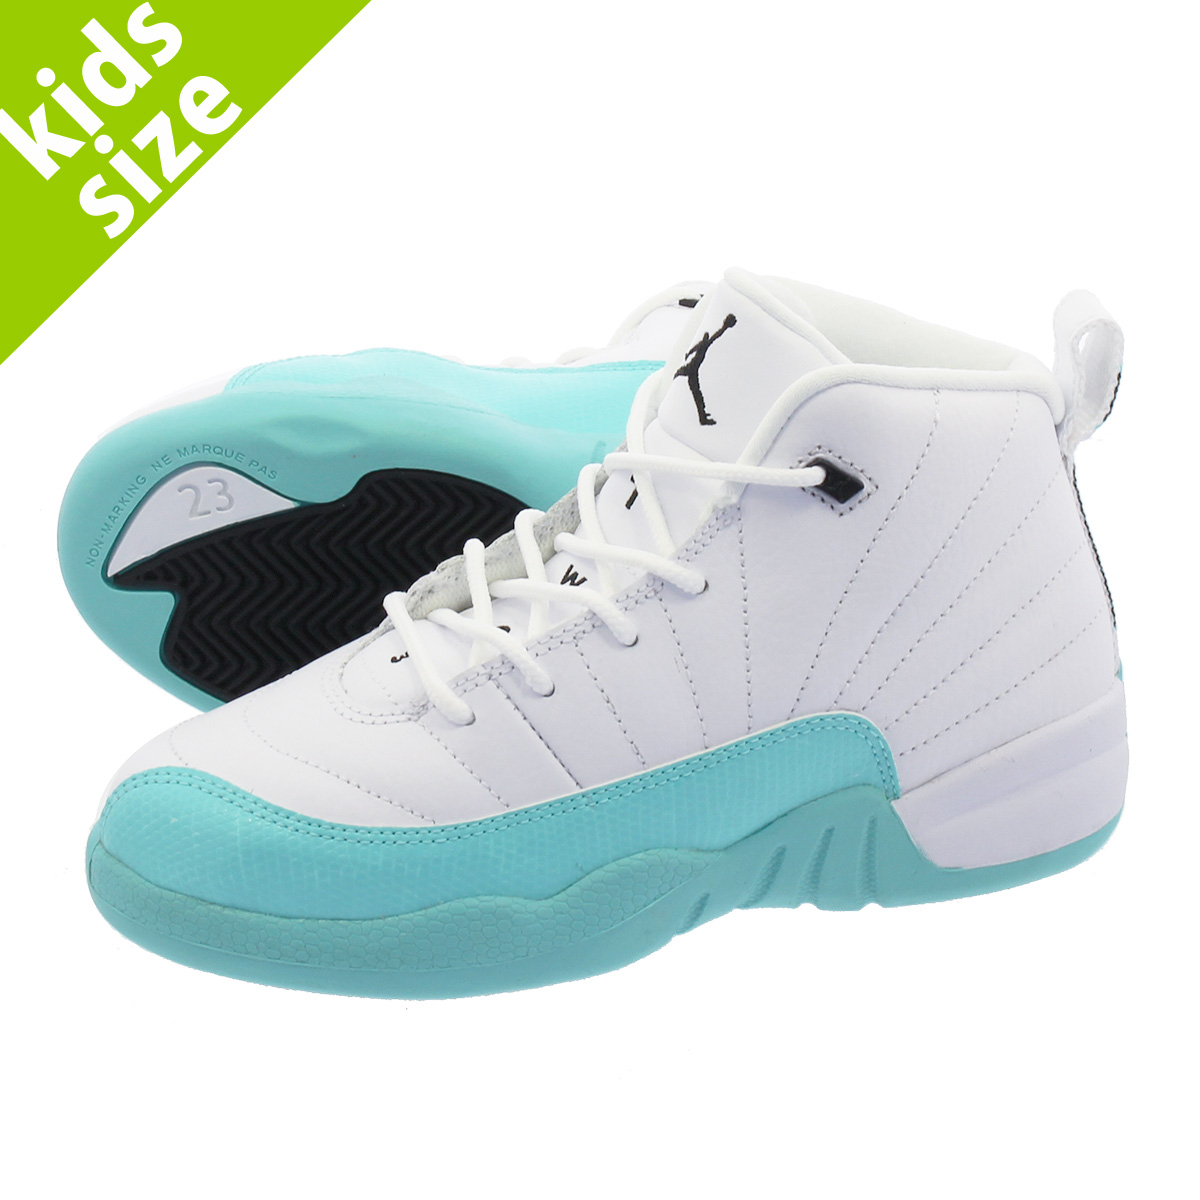 innovative design fcb01 161f7 NIKE AIR JORDAN 12 RETRO PS Nike Air Jordan 12 nostalgic PS WHITE/LIGHT  AQUA/BLACK 510,816-100